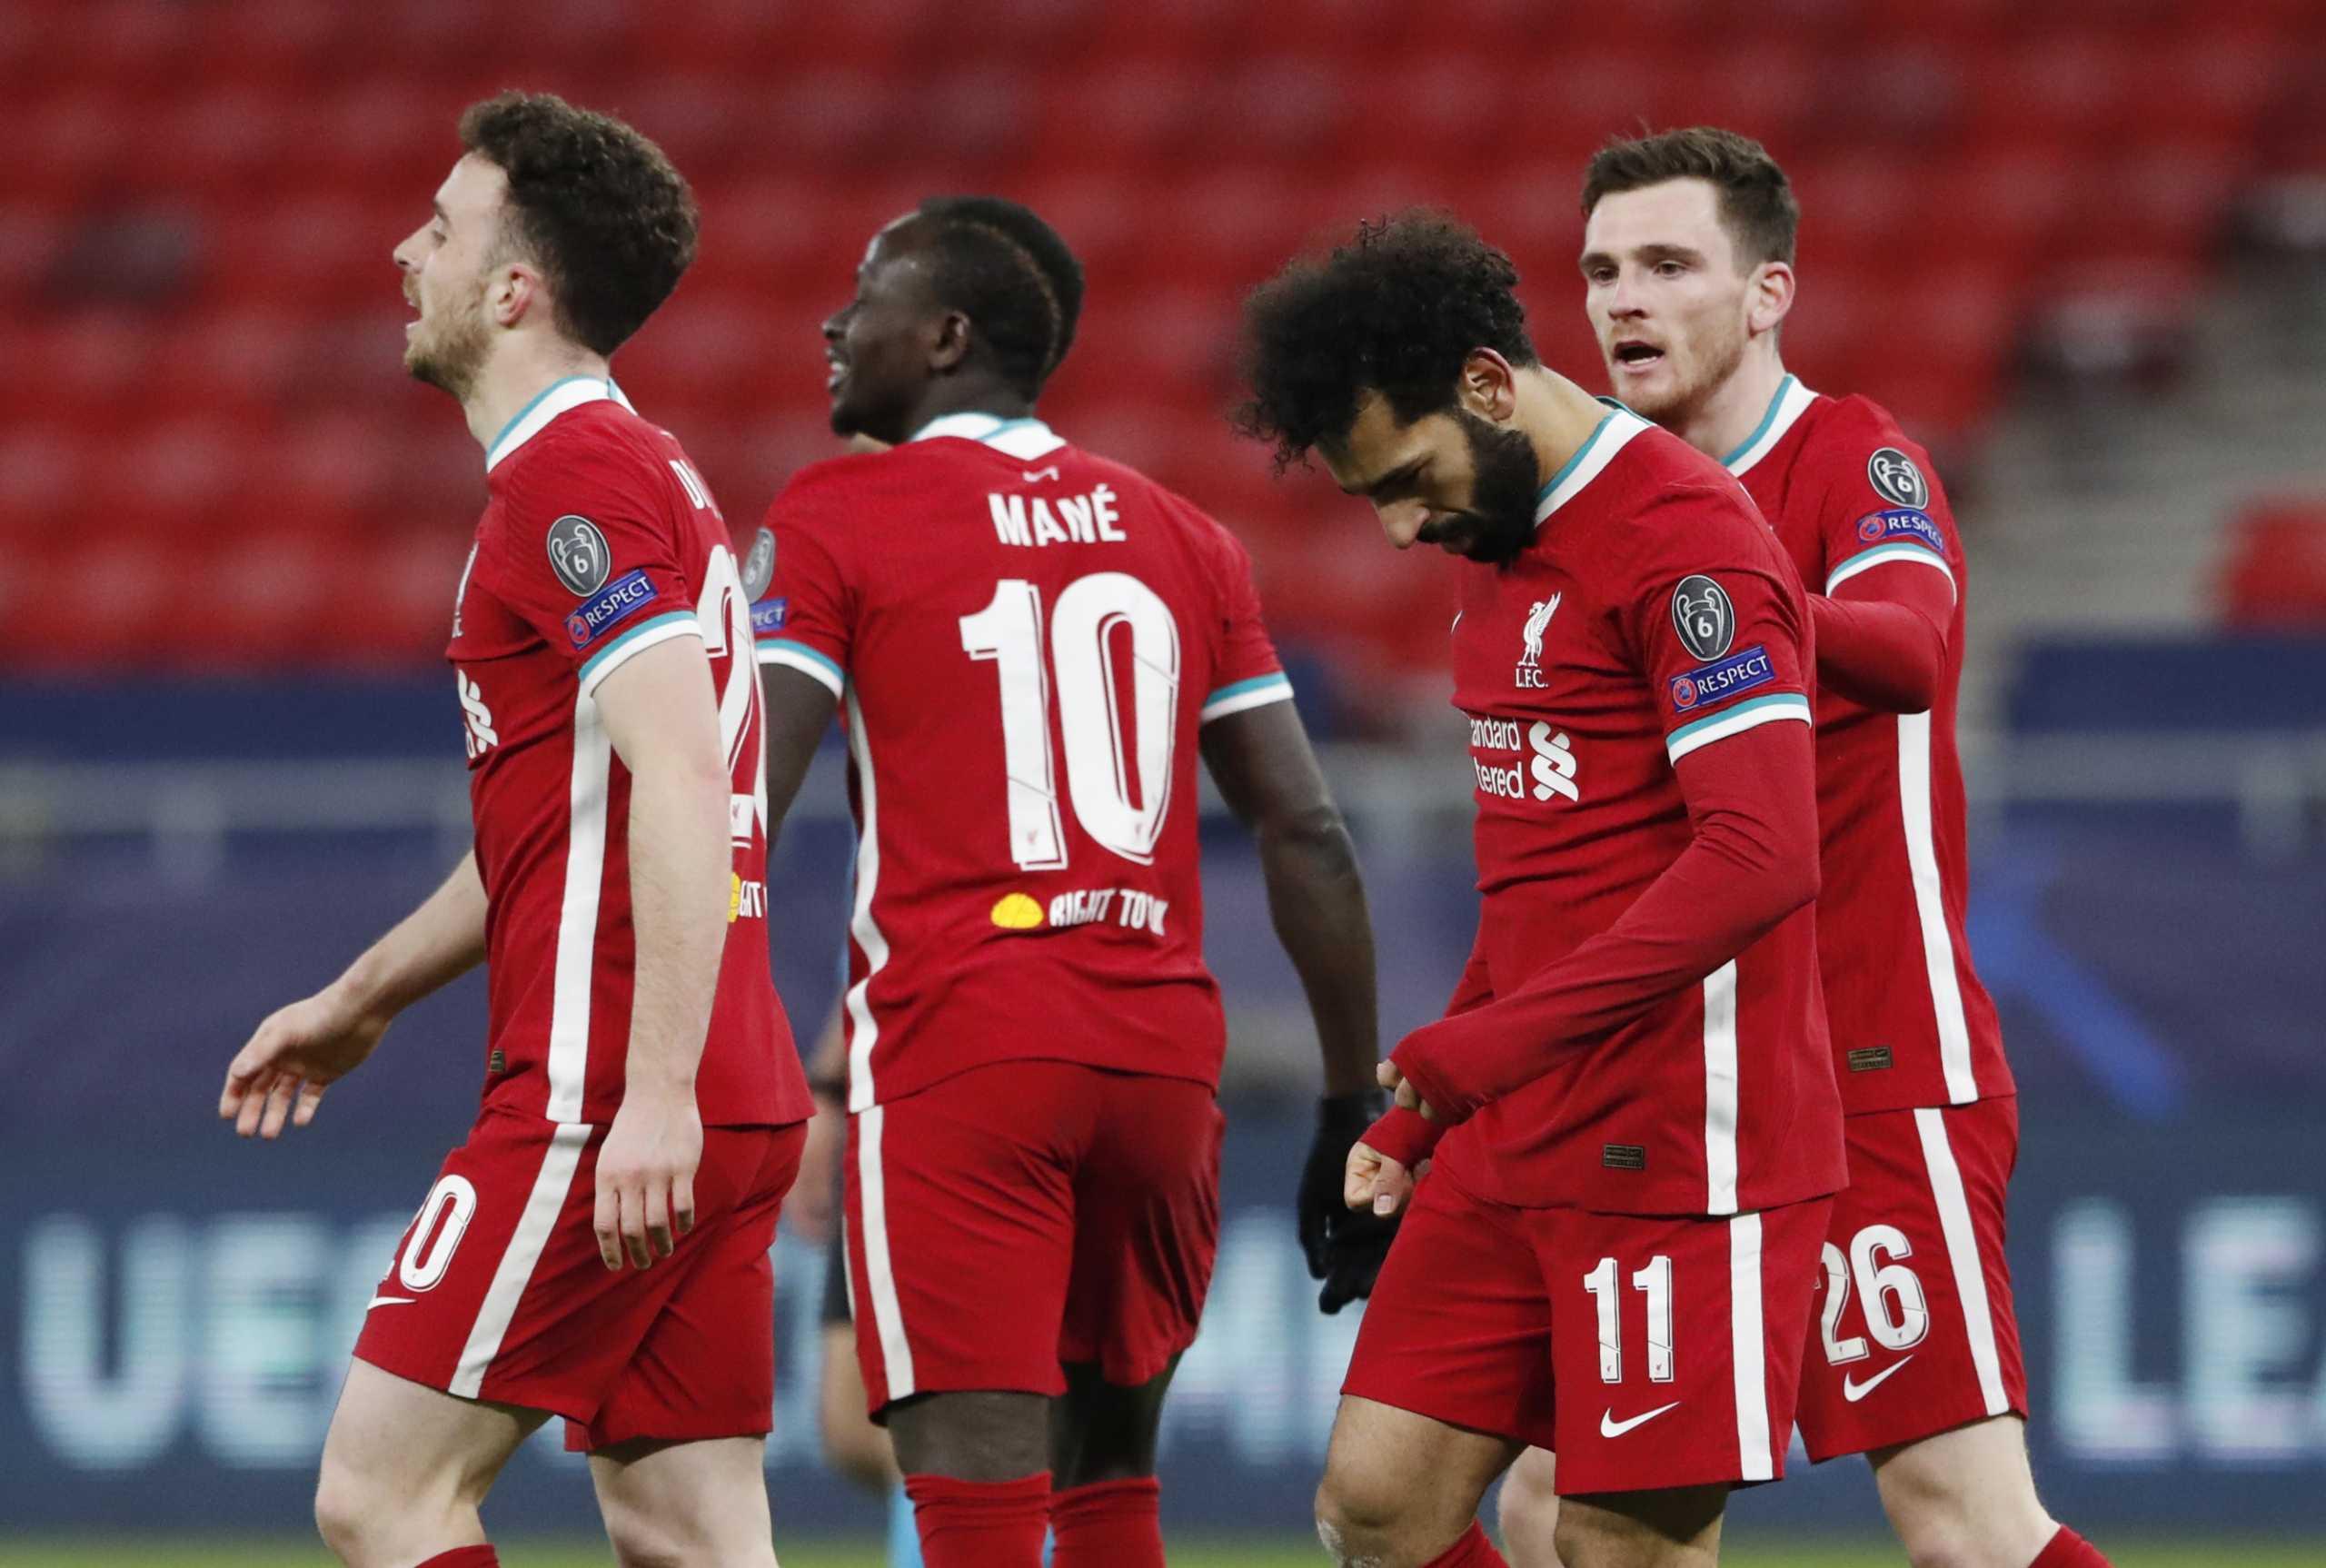 Ιδιοκτήτης Λίβερπουλ για European Super League: «Ζητάω συγγνώμη, δείξατε τη δύναμη που έχουν οι οπαδοί»